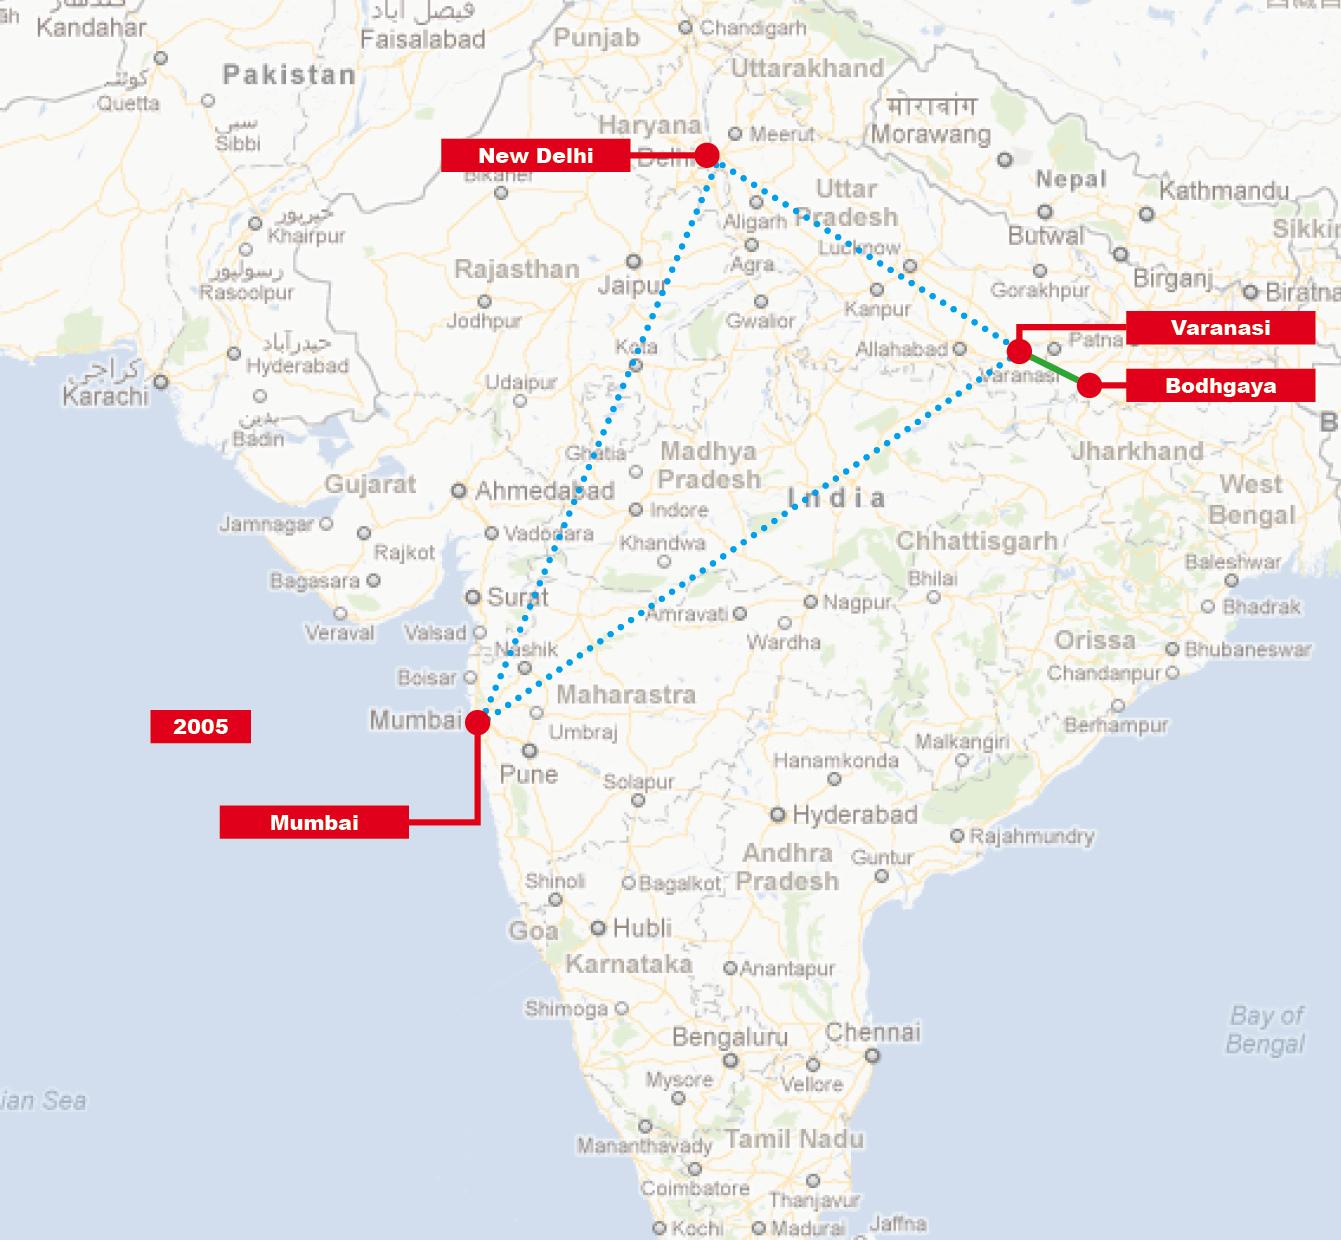 lieux de rencontre à Hyderabad Pakistan meilleures introductions de profil de rencontre